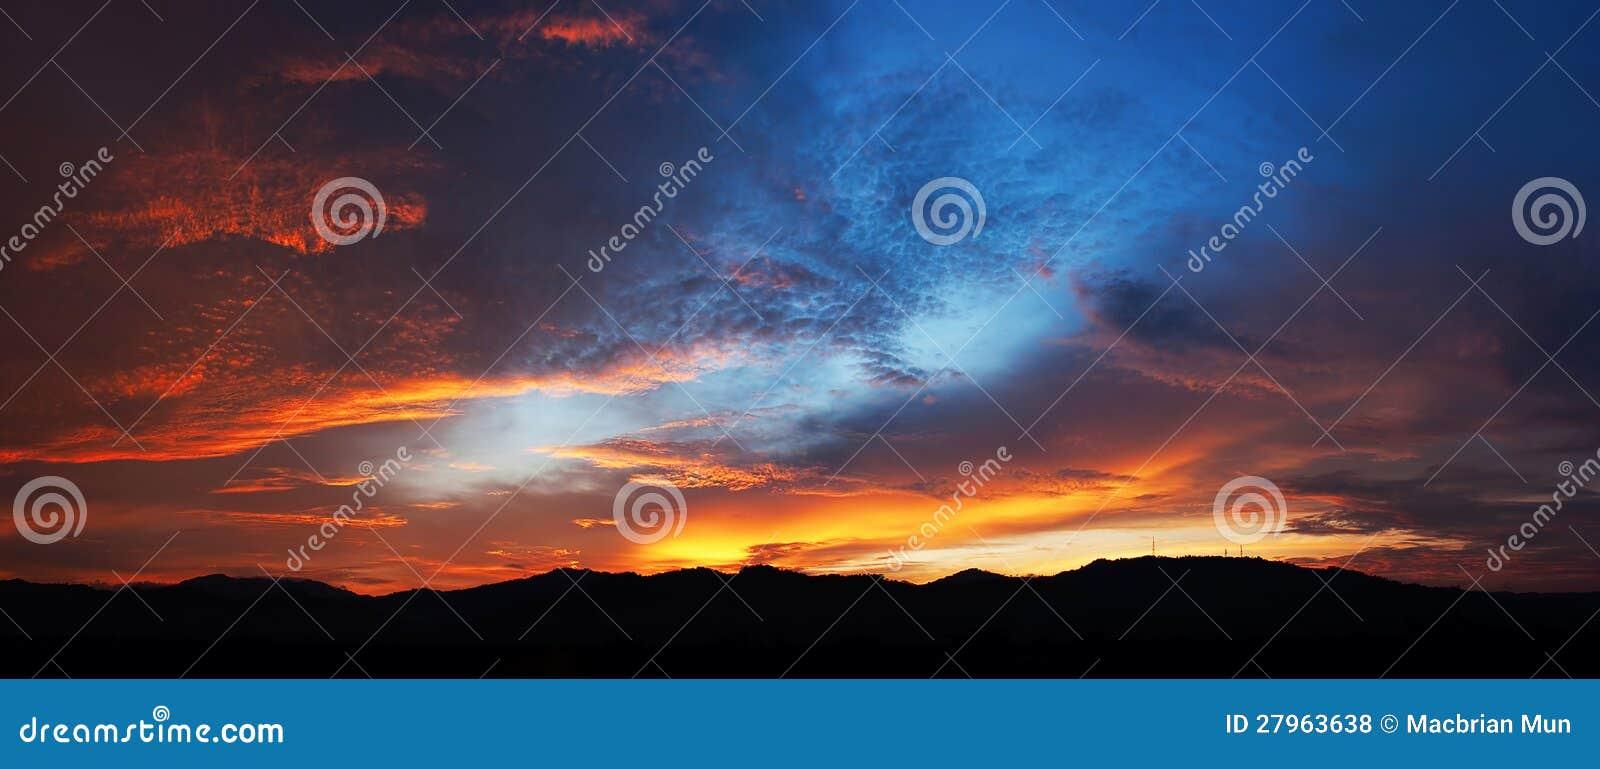 Farben des prachtvollen Sonnenuntergangs